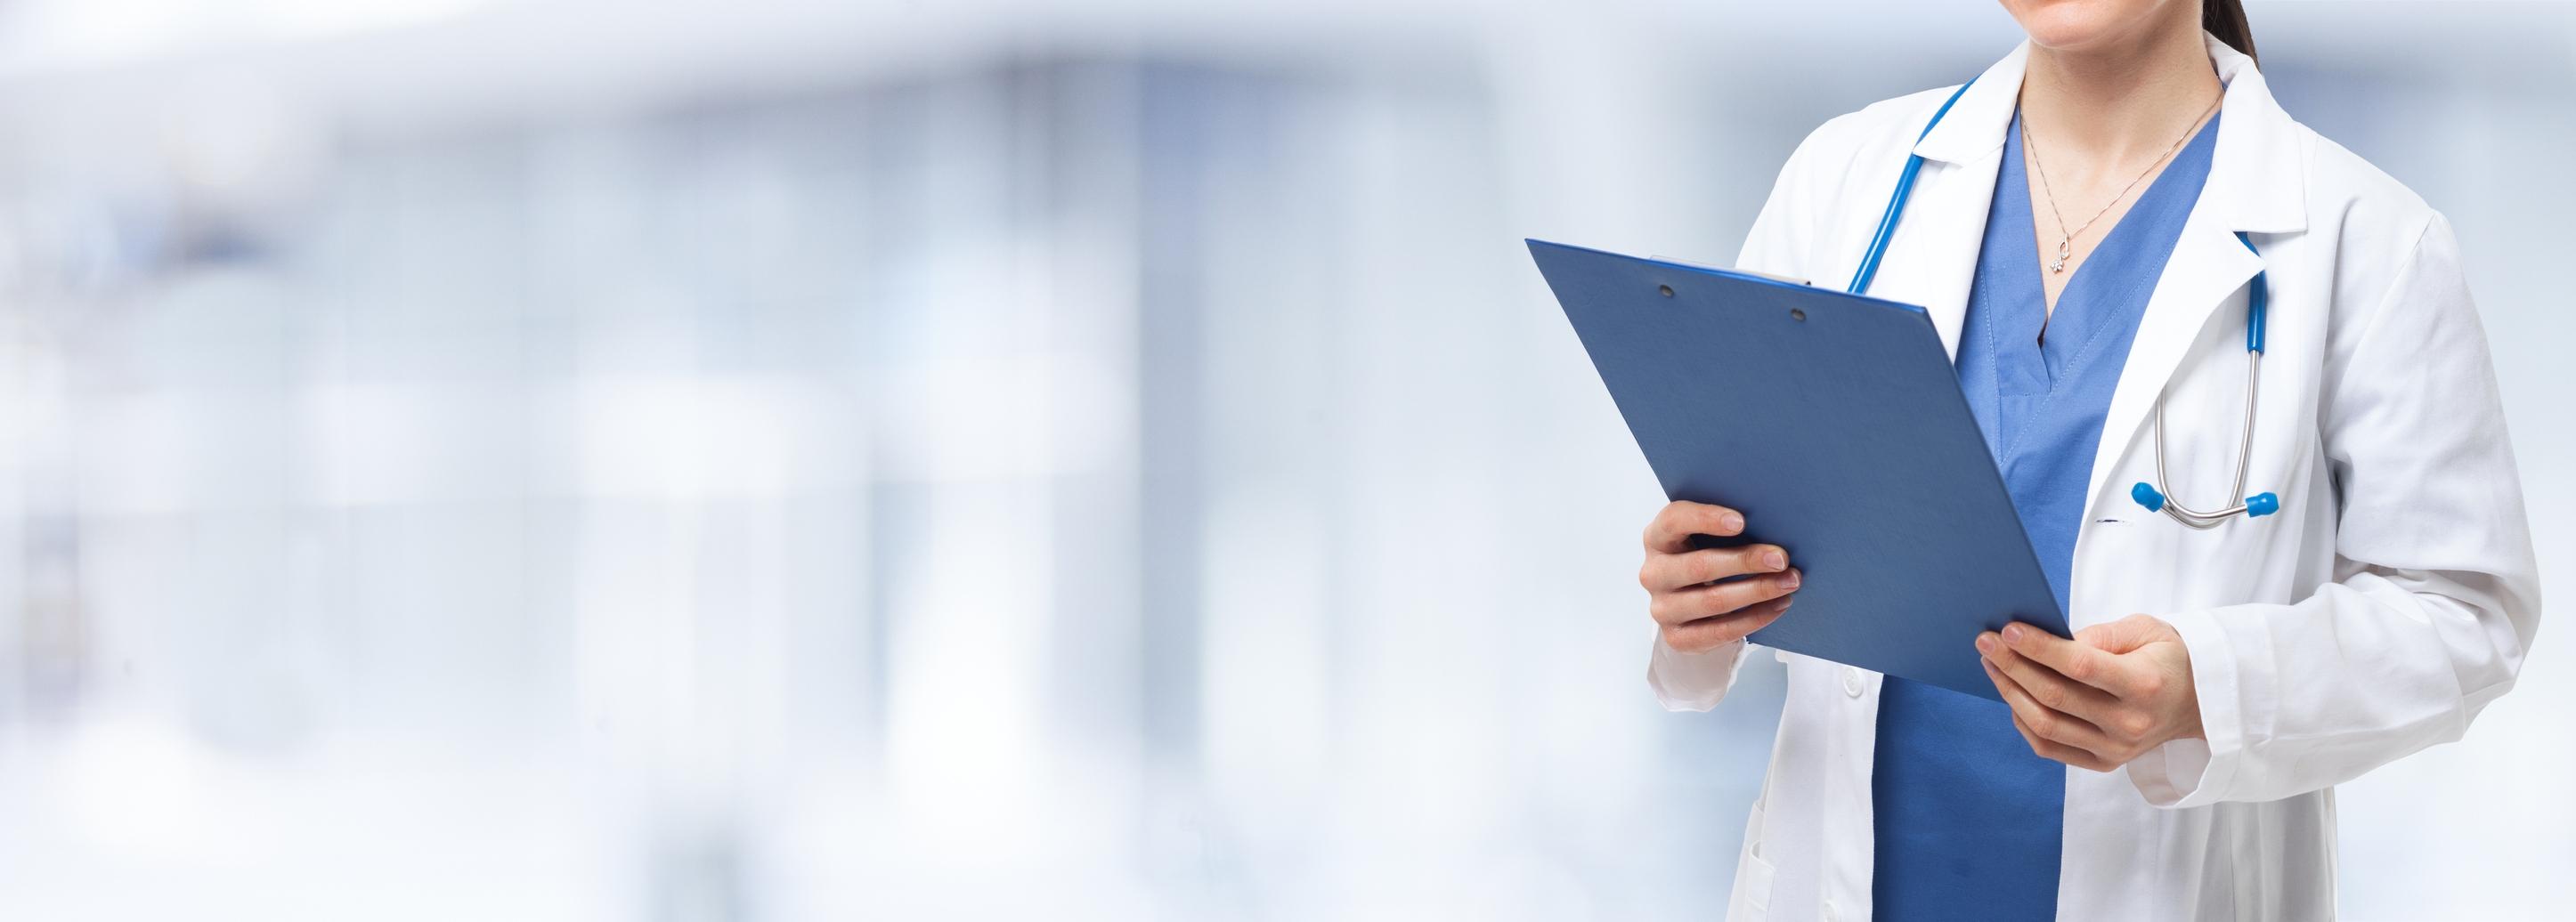 Haut Conseil pour l'avenir de l'assurance maladie